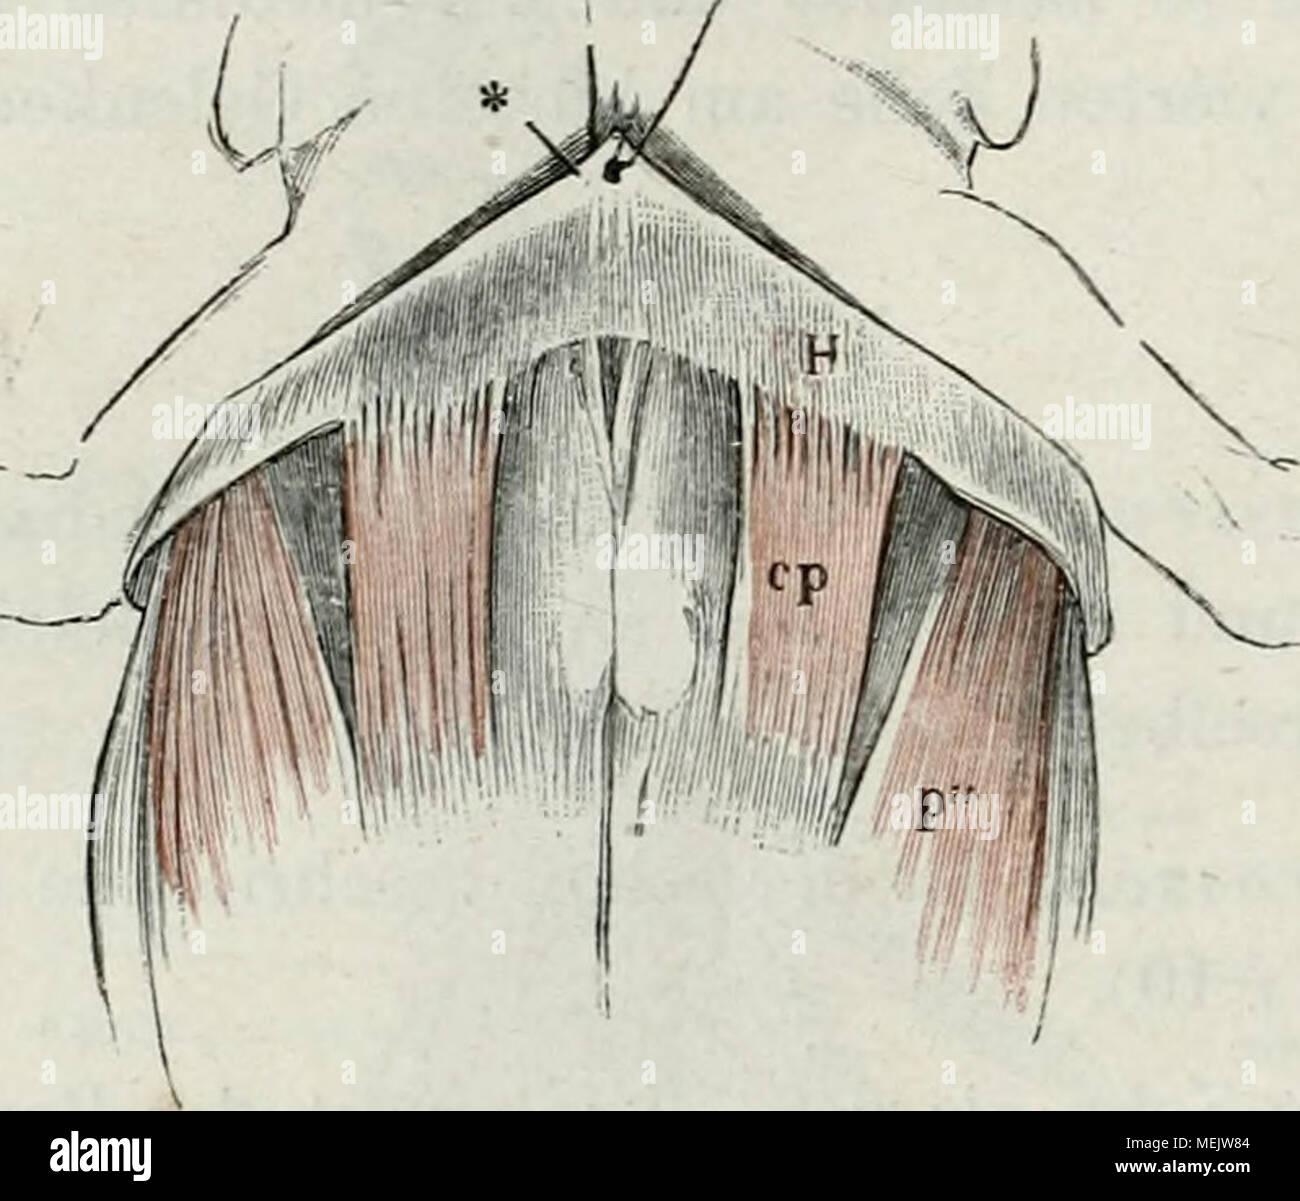 Ziemlich Ct Anatomie Des Beckens Galerie - Anatomie Ideen - finotti.info